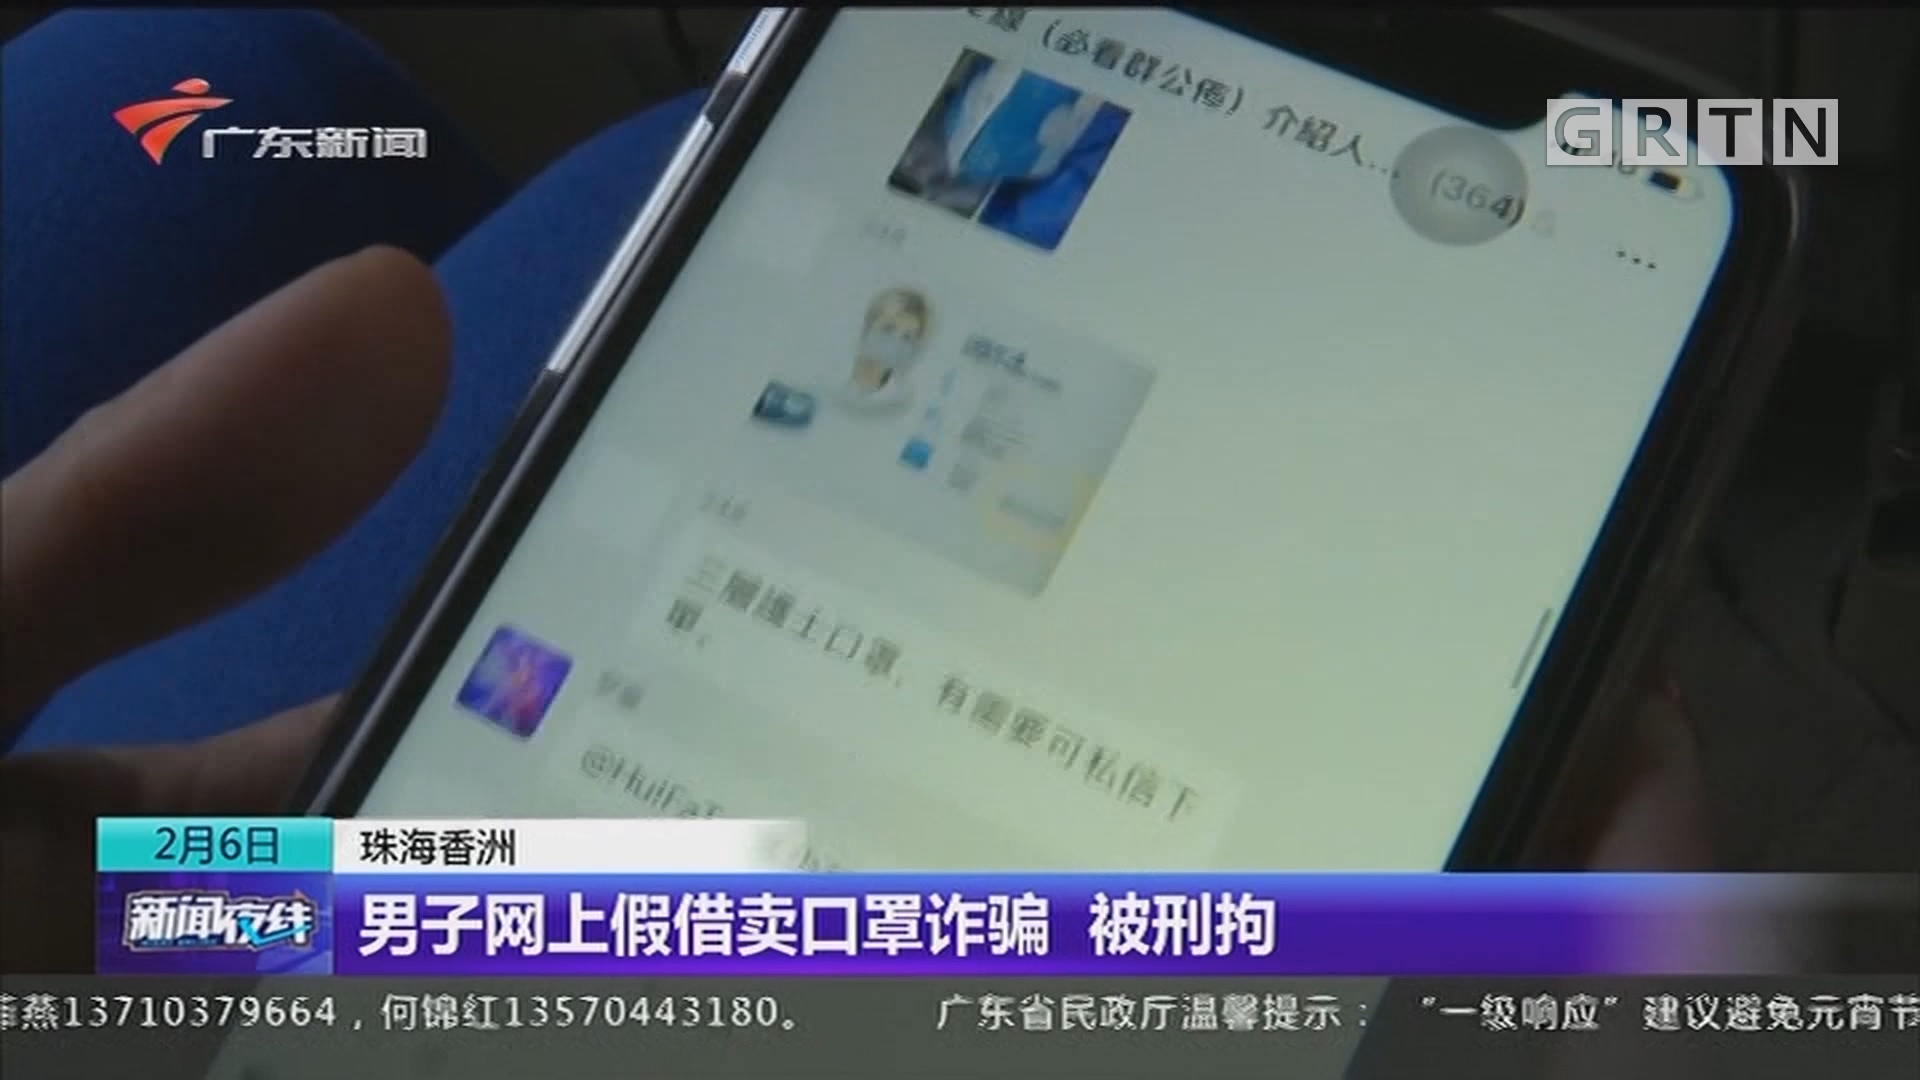 珠海香洲:男子网上假借卖口罩诈骗 被刑拘